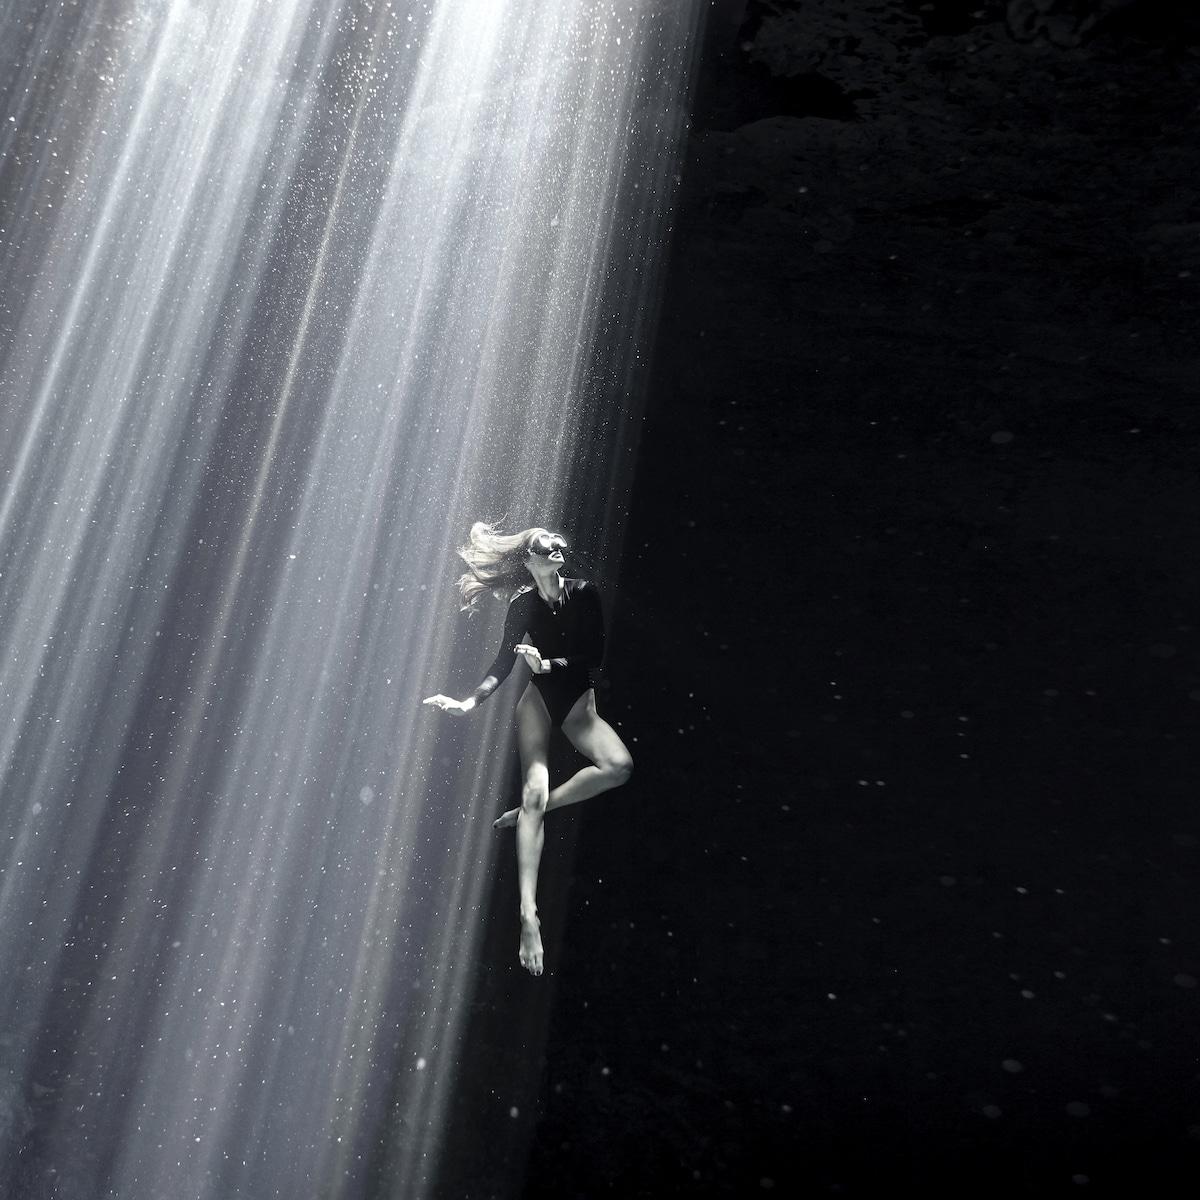 Underwater Photographer of the Year 2020 603 Zena Holloway